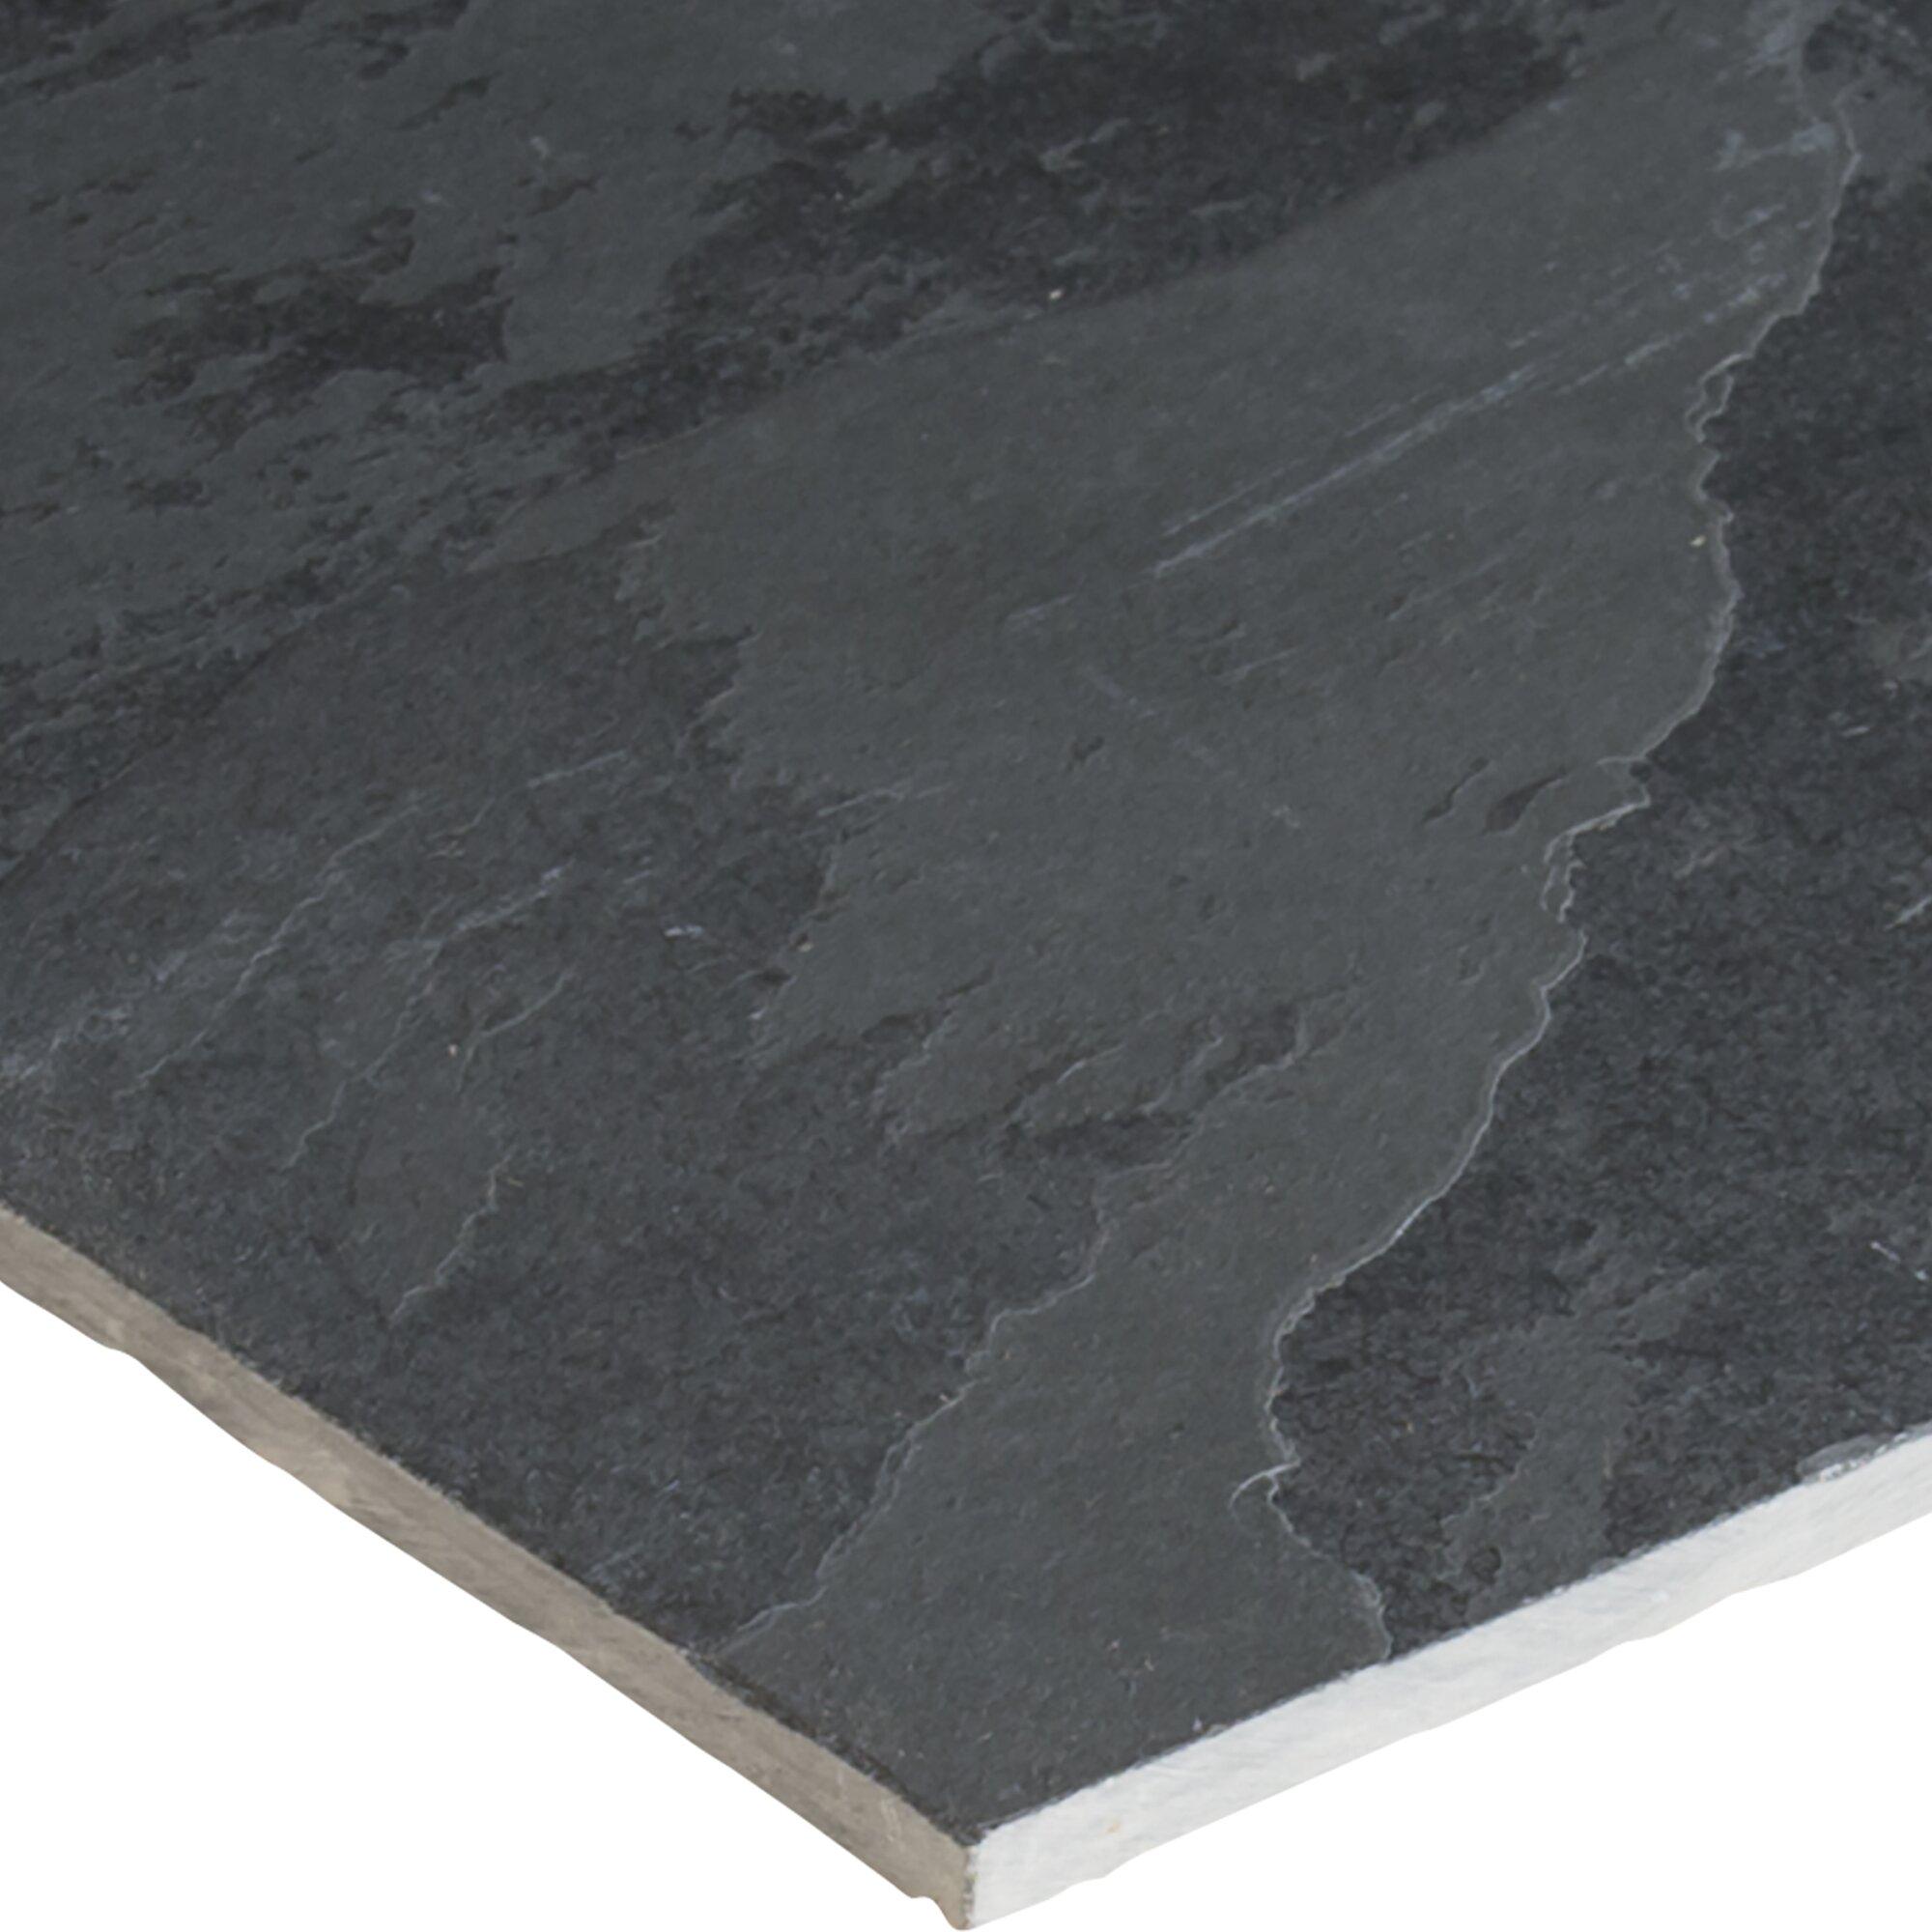 Msi Montauk 16 X 16 Slate Field Tile In Black